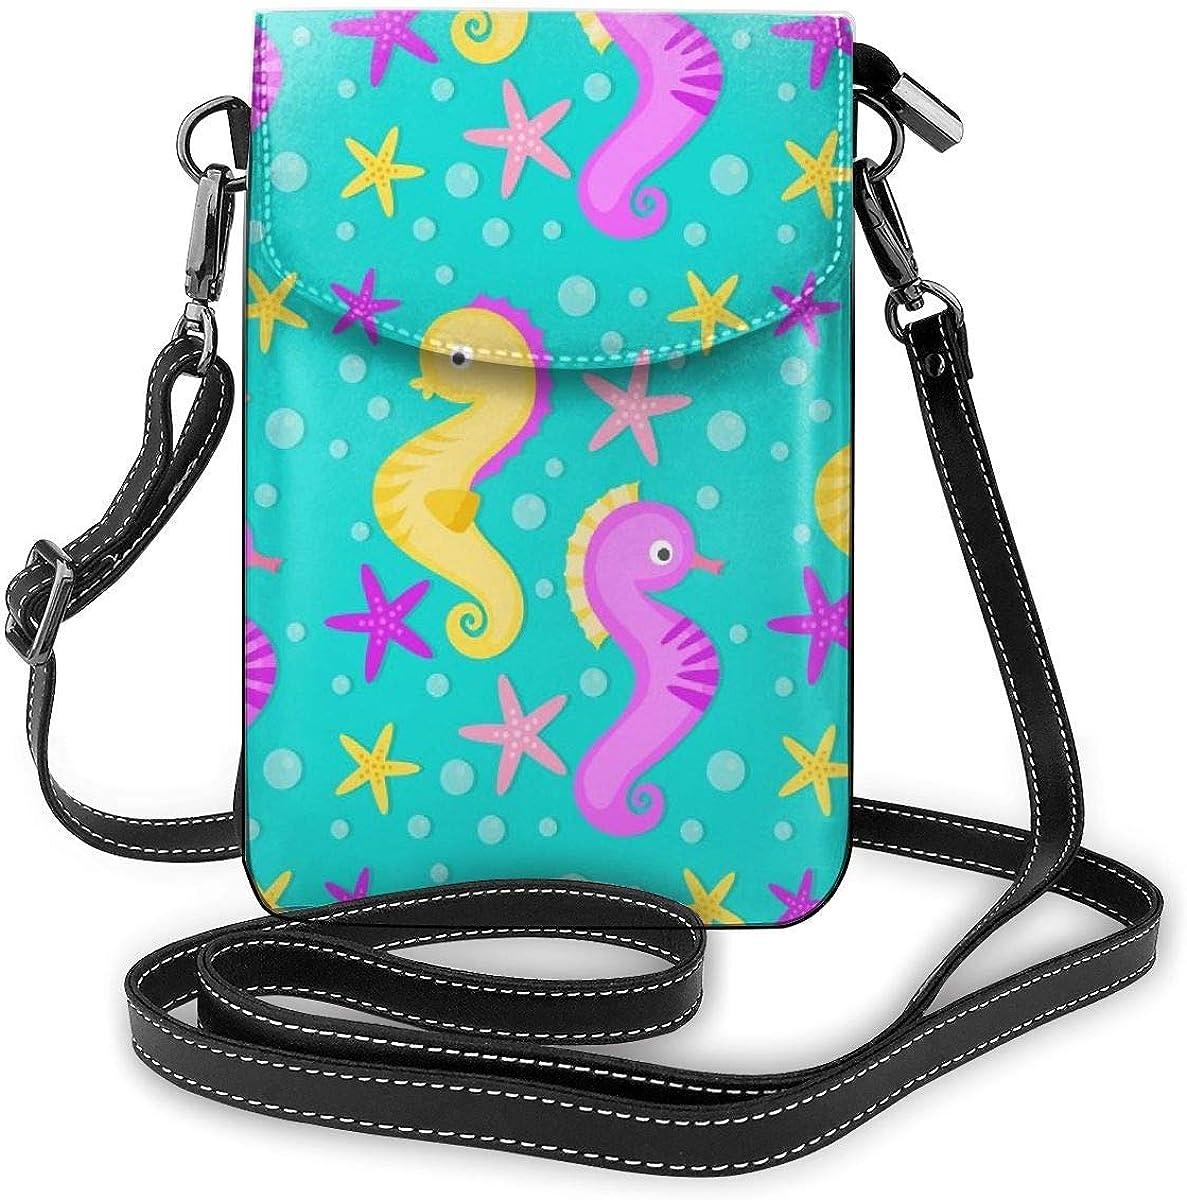 Lawenp Lindo monedero para teléfono con bandolera de caballos de mar, pequeño mini bolso de hombro, bolso para teléfono celular, billetera de cuero para mujeres y niñas